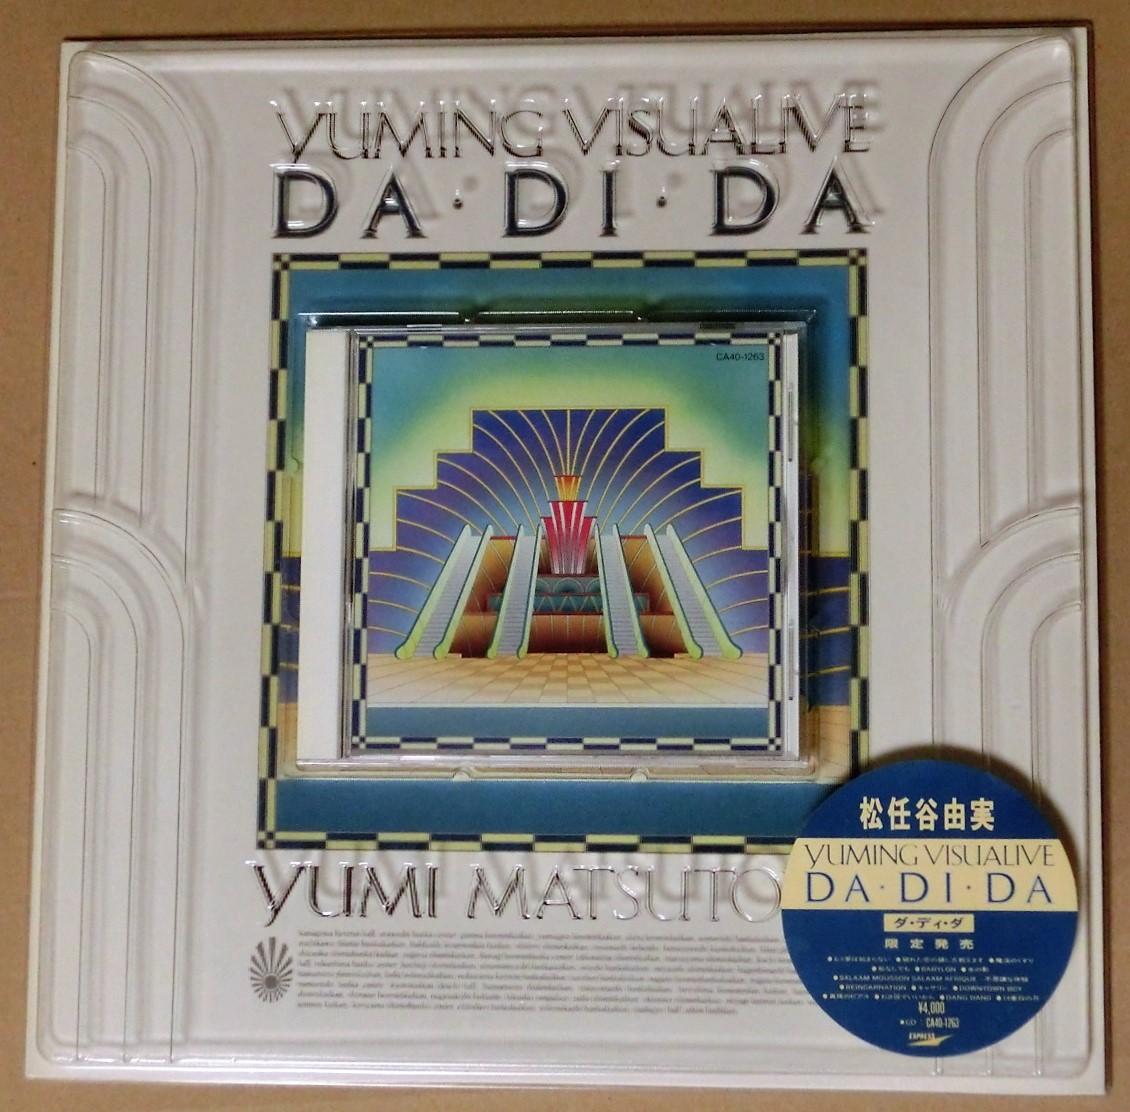 【パンフ&ケース付】松任谷由実 CD 『YUMING VISUALIVE DA・DI・DA / ダ・ディ・ダ』 限定盤